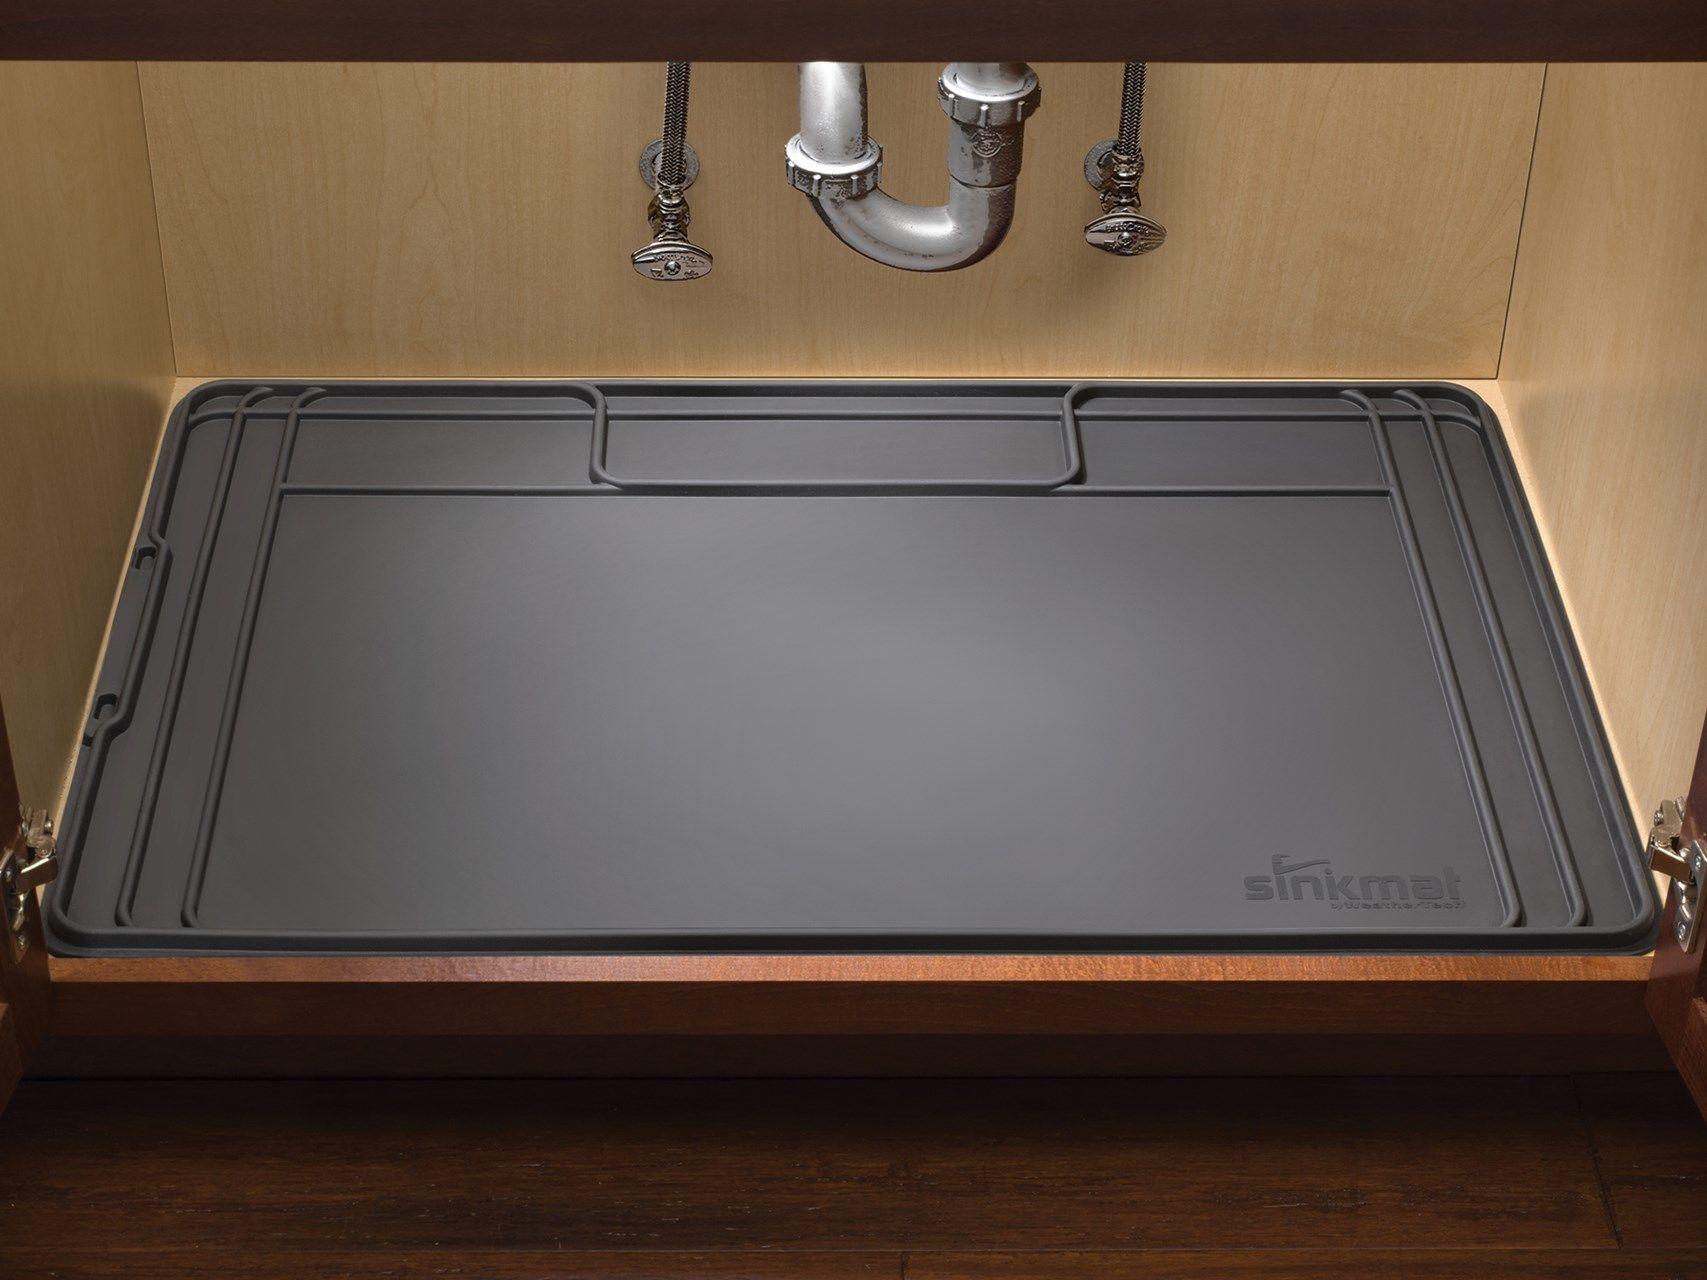 Sinkmat With Images Under Kitchen Sinks Under Kitchen Sink